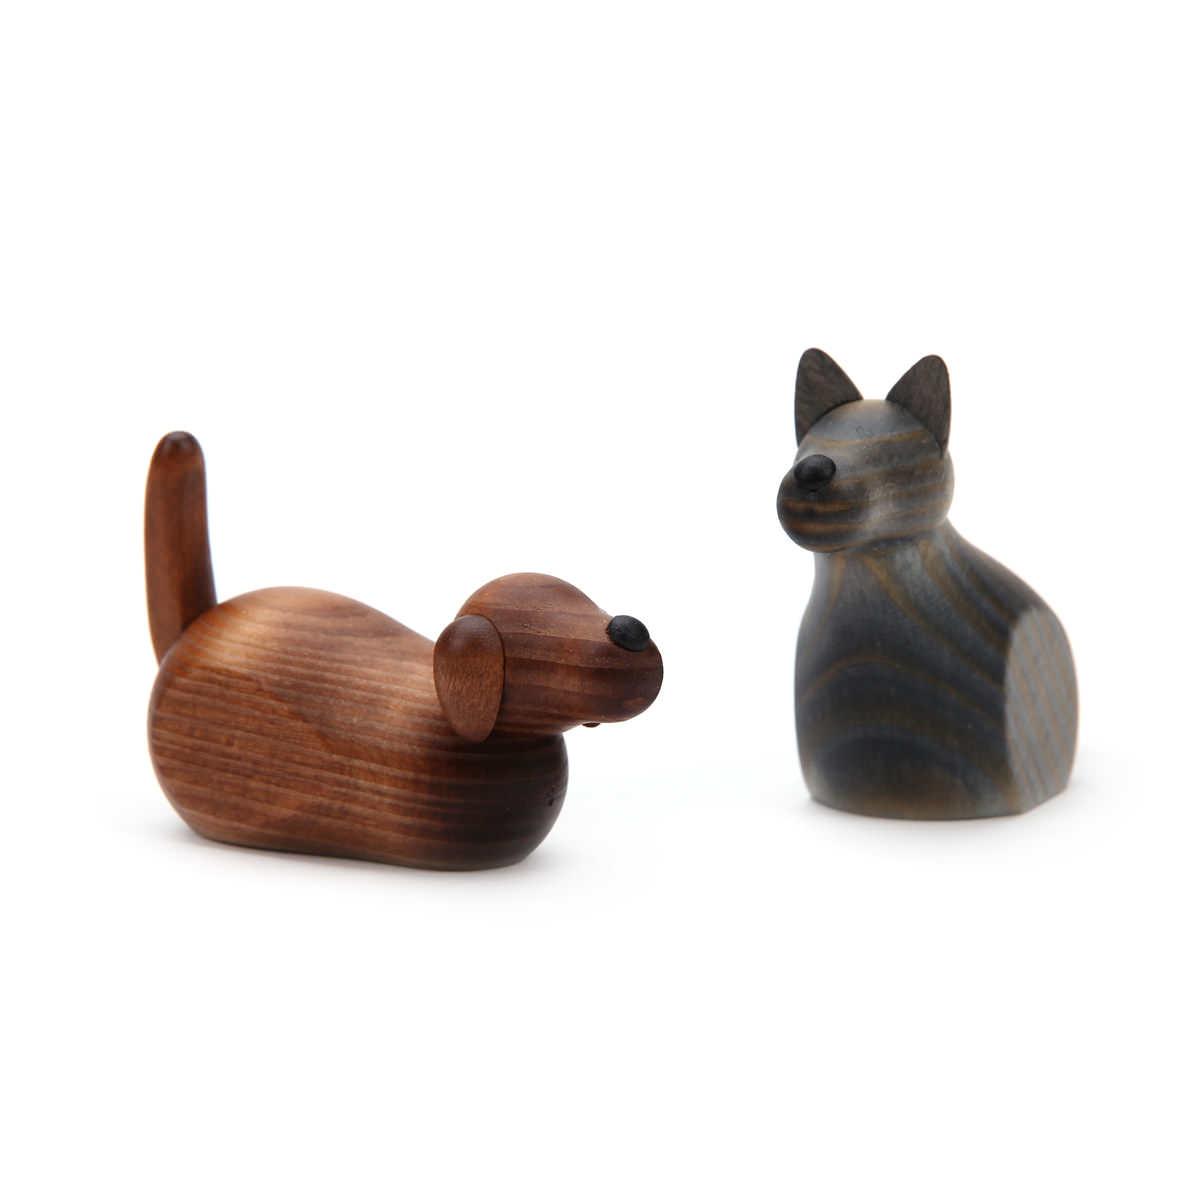 weihnachtskrippe gro hund sitzend grau von bj rn k hler f r 35 kaufen. Black Bedroom Furniture Sets. Home Design Ideas